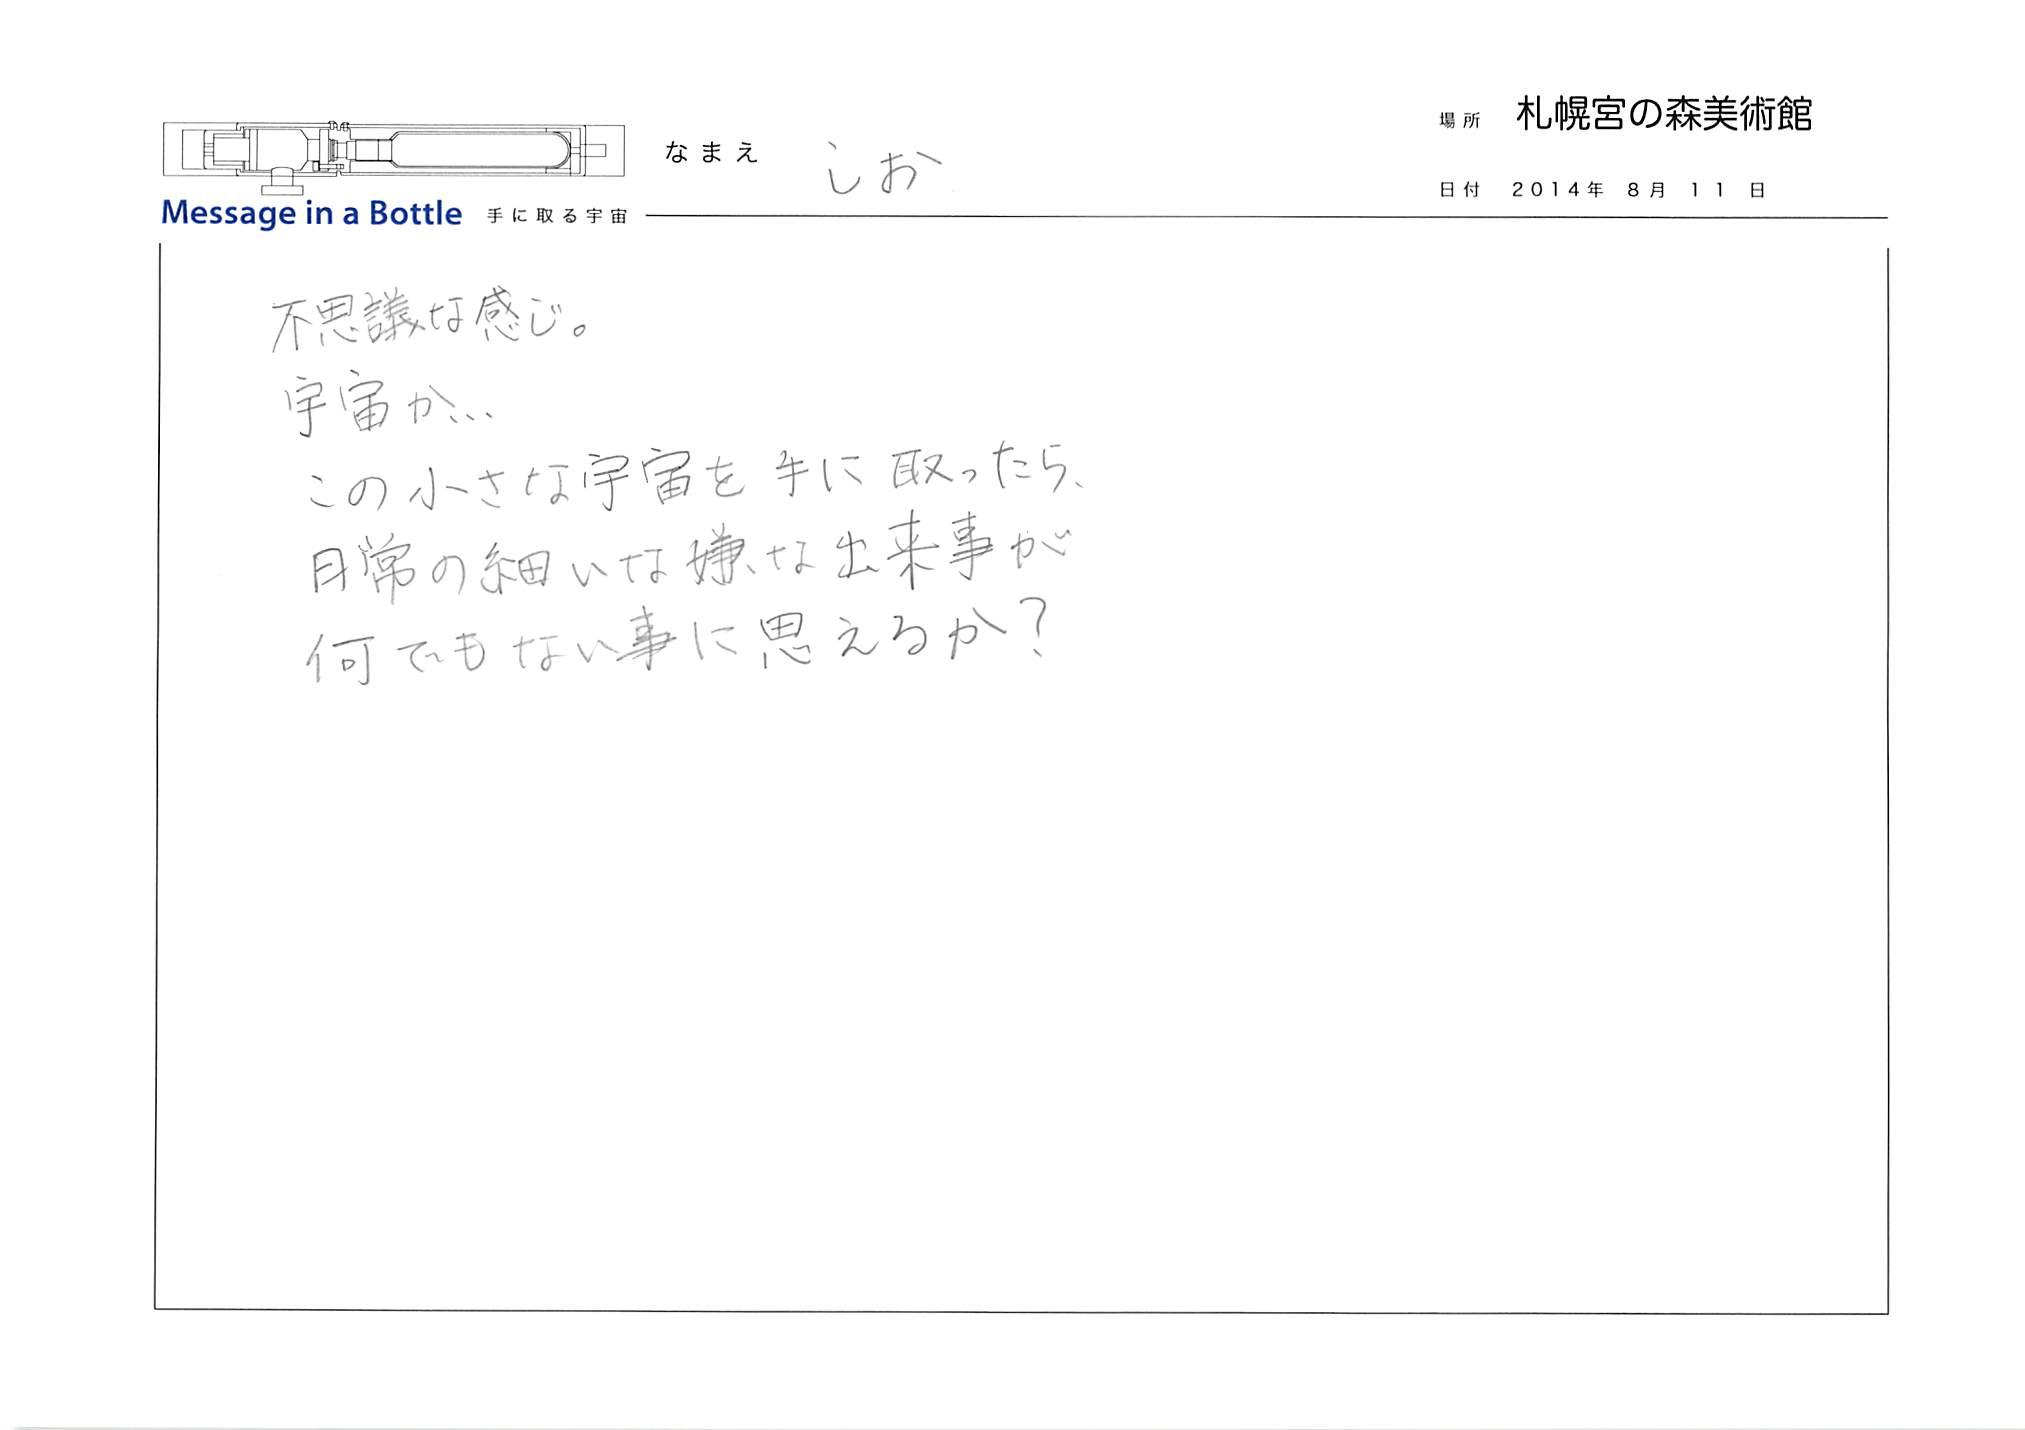 2014-08-11-22-04-07.jpg